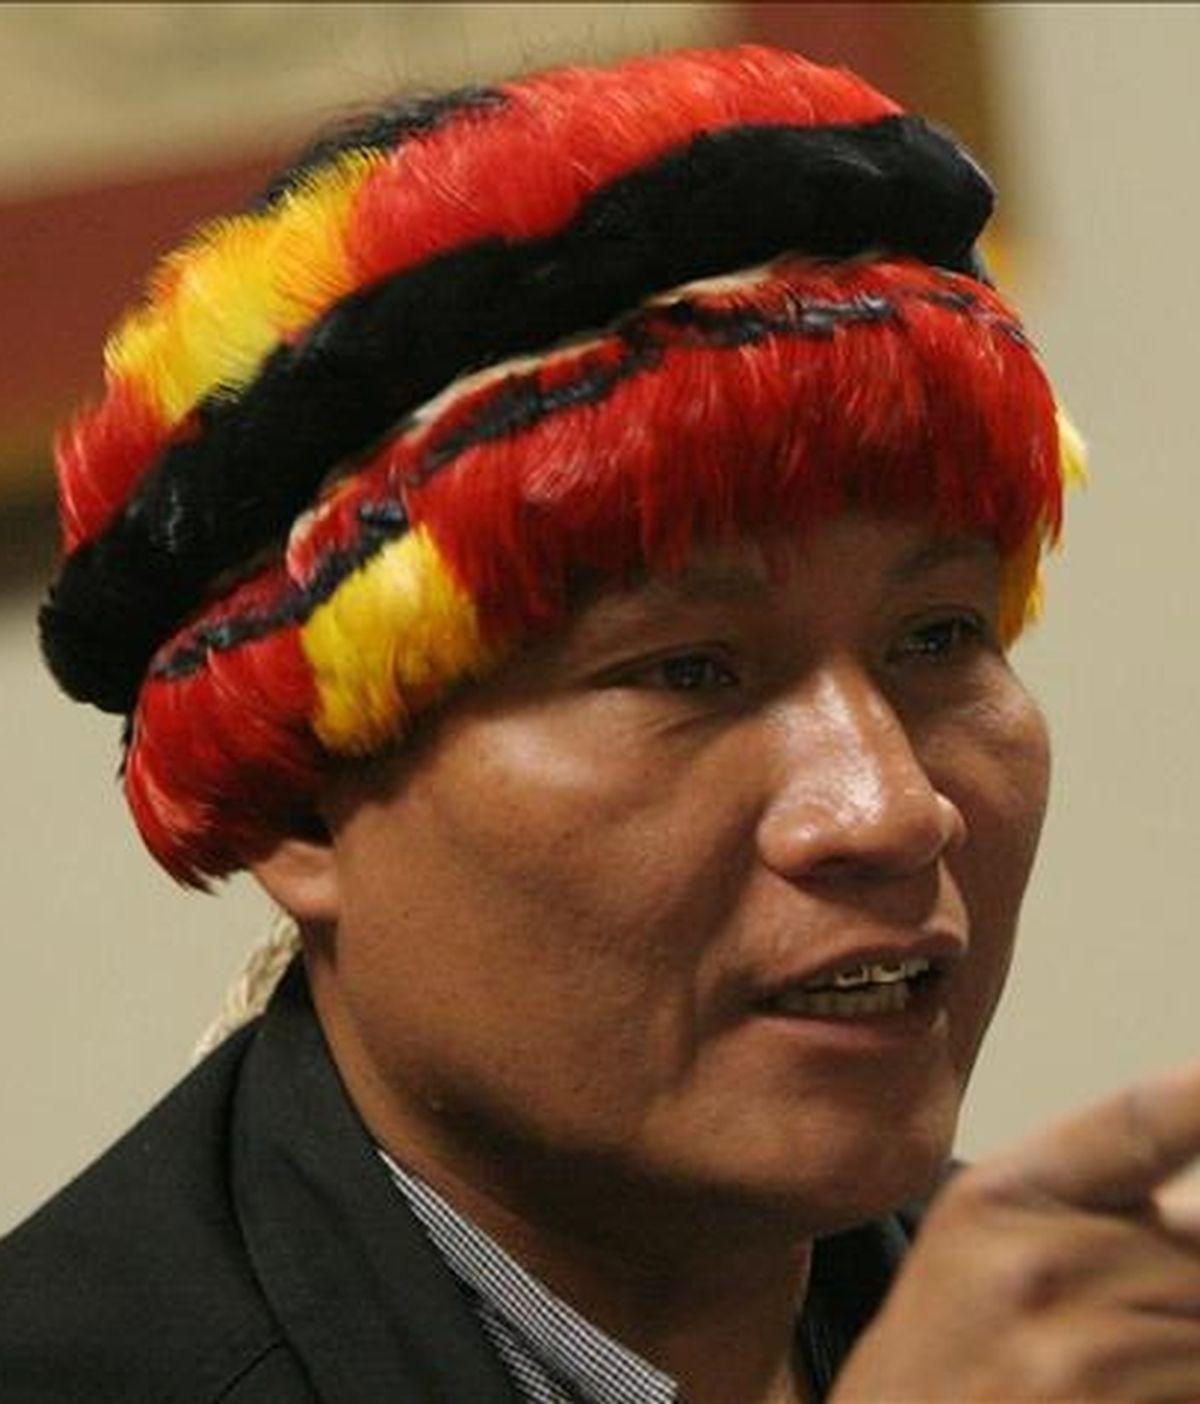 En la imagen, el líder indígena Alberto Pizango, quien pidió asilo en las embajadas de Estados Unidos, Francia y Bolivia antes de llamar a las puertas de la legación nicaragüense. EFE/Archivo